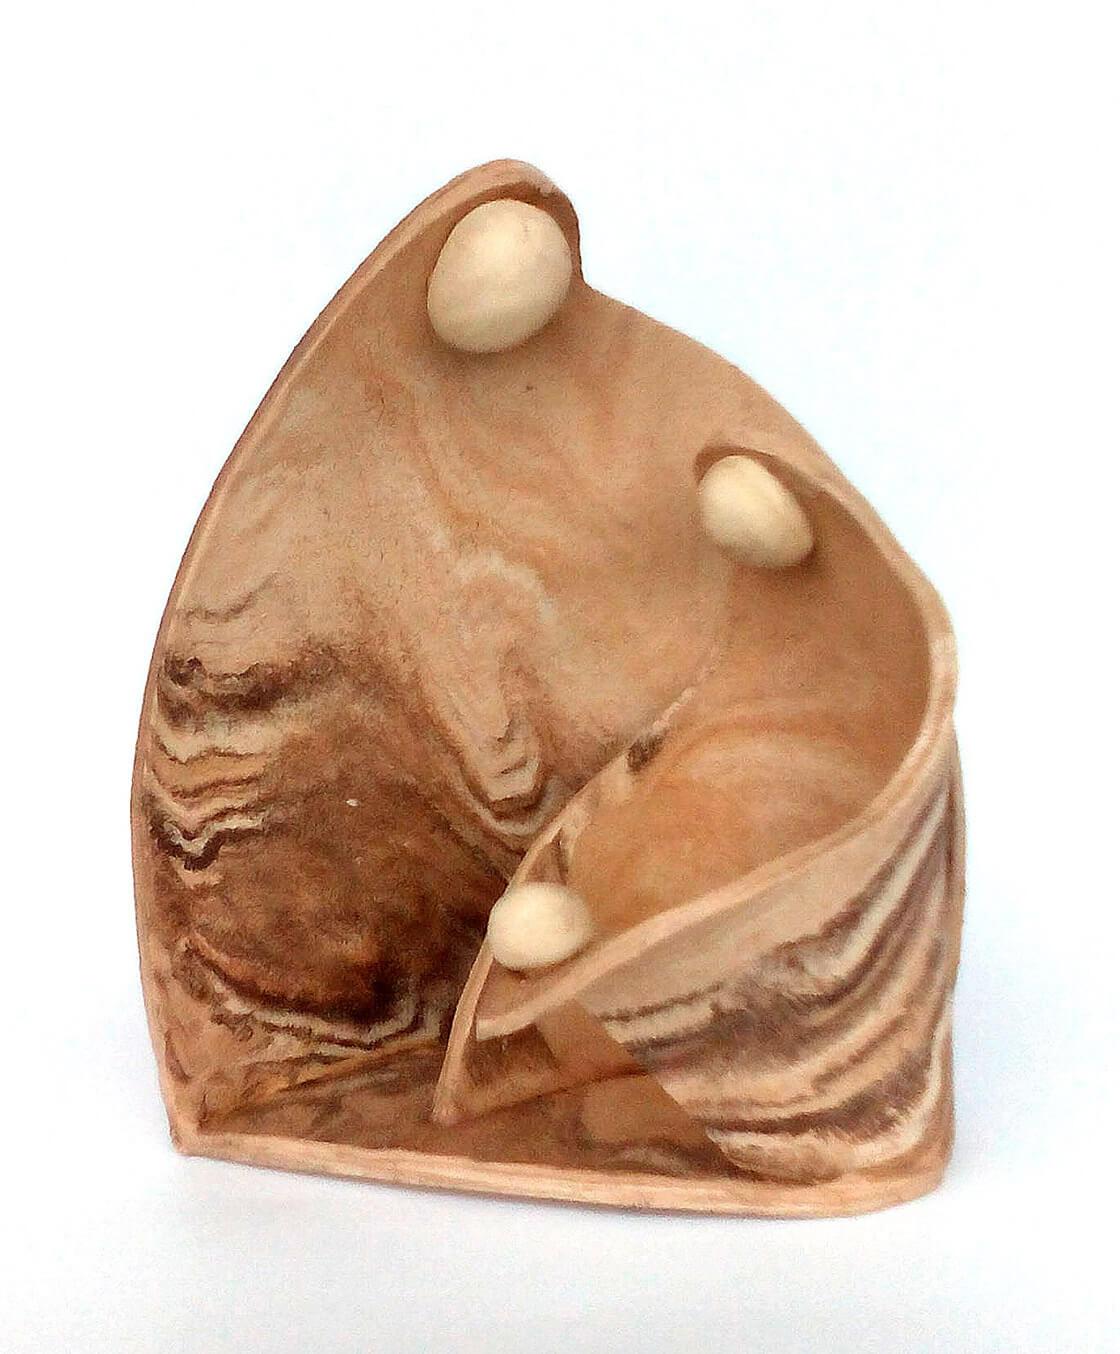 Keramický adventní svícen s ježíškem v jesličkách na čajovou svíčku z ateliéru Vlaďky Zborníkové